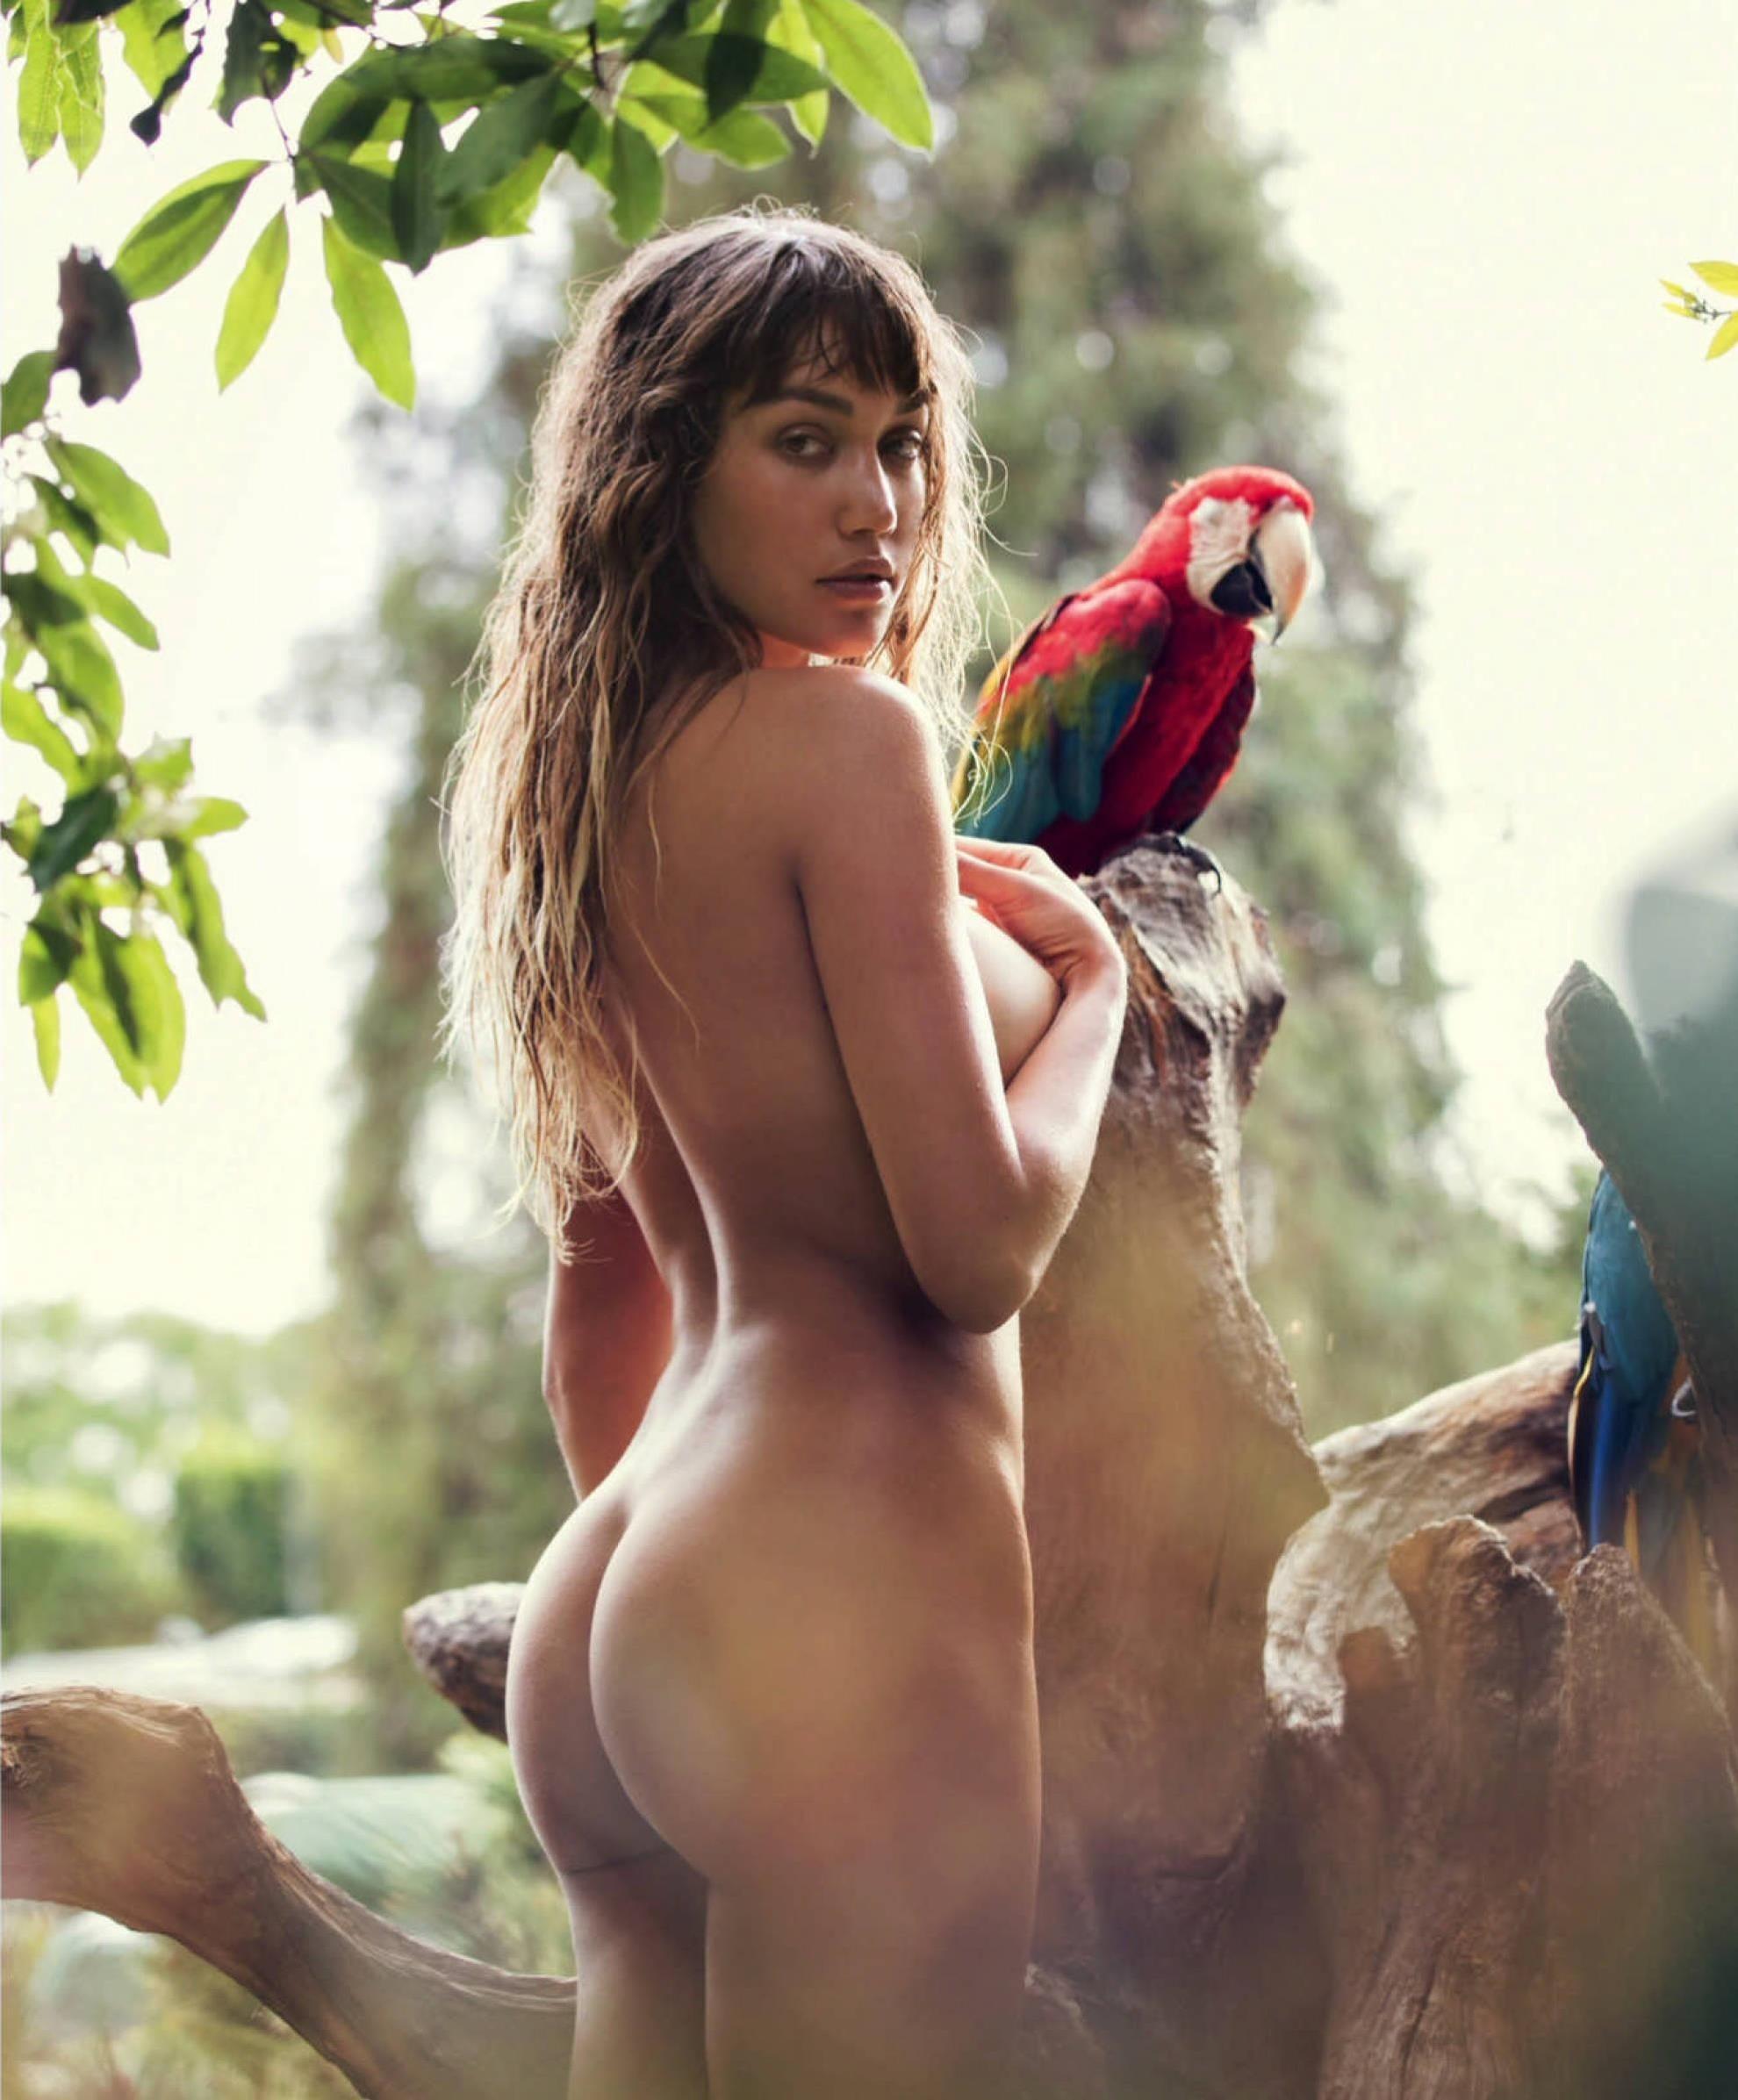 Naked pic of brooke, latina tits pics